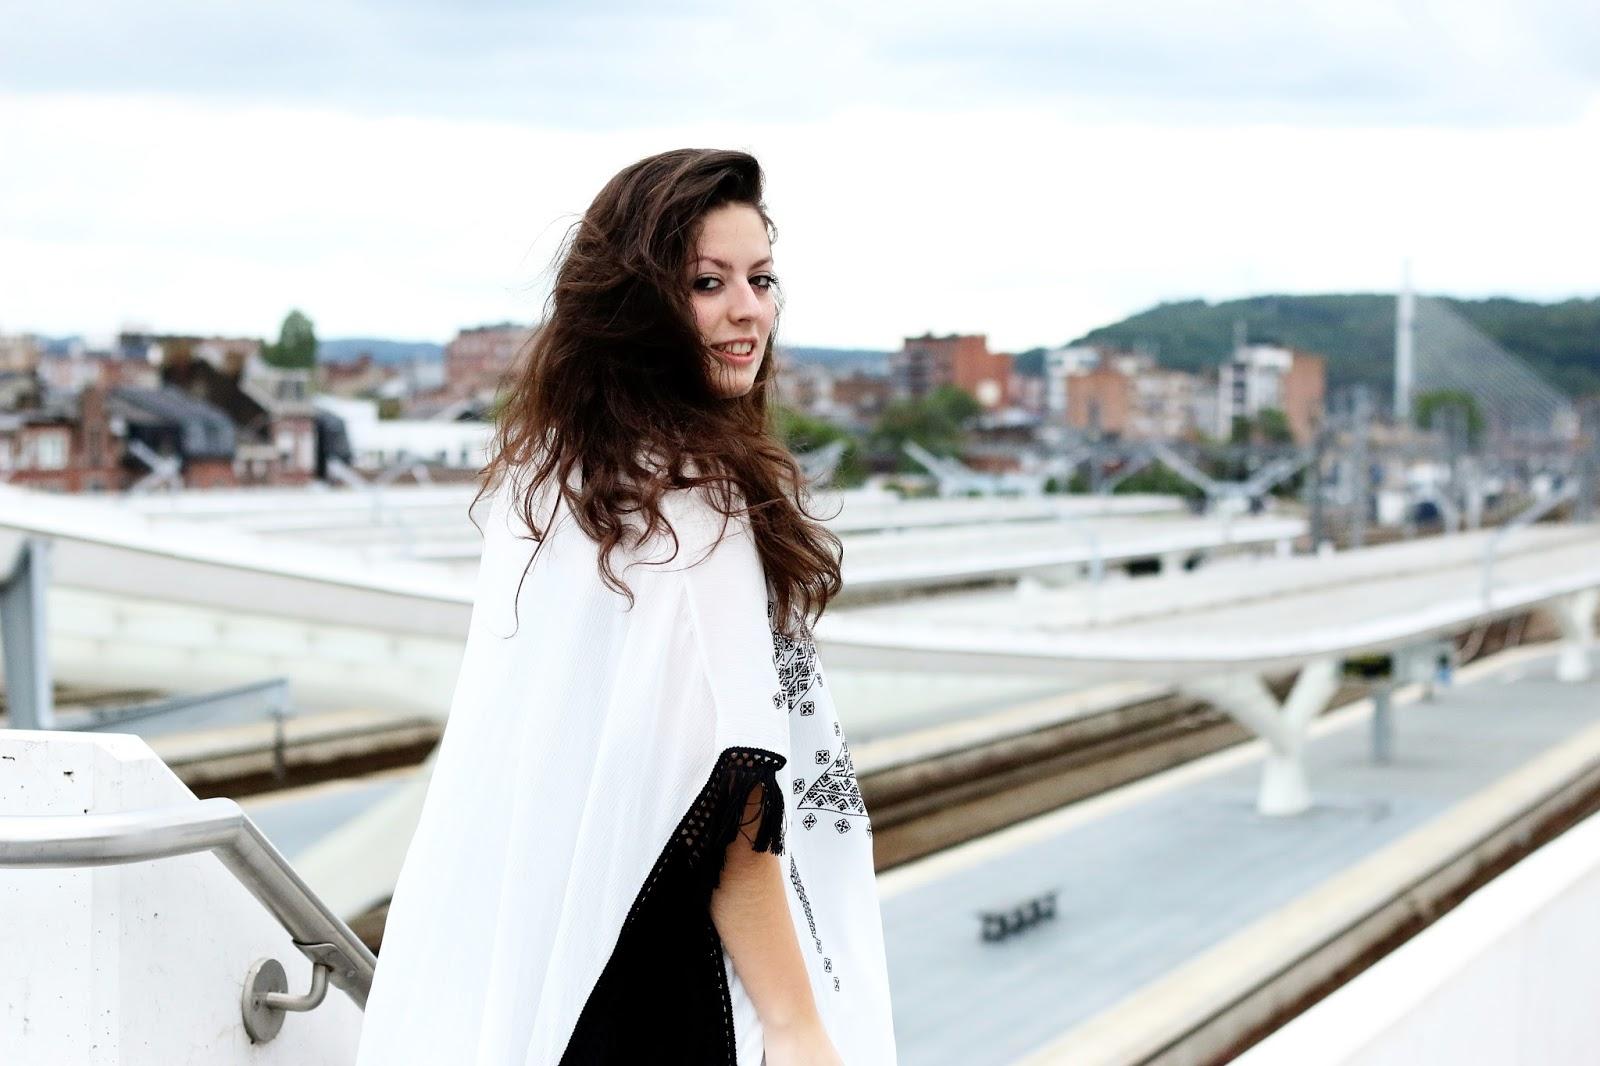 bershka kimono